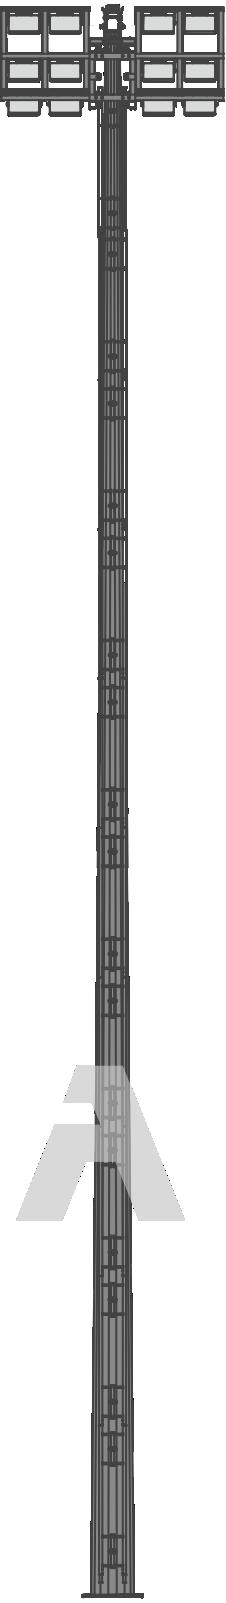 Мачта одностороннего освещения с мобильной короной системы «Парус»